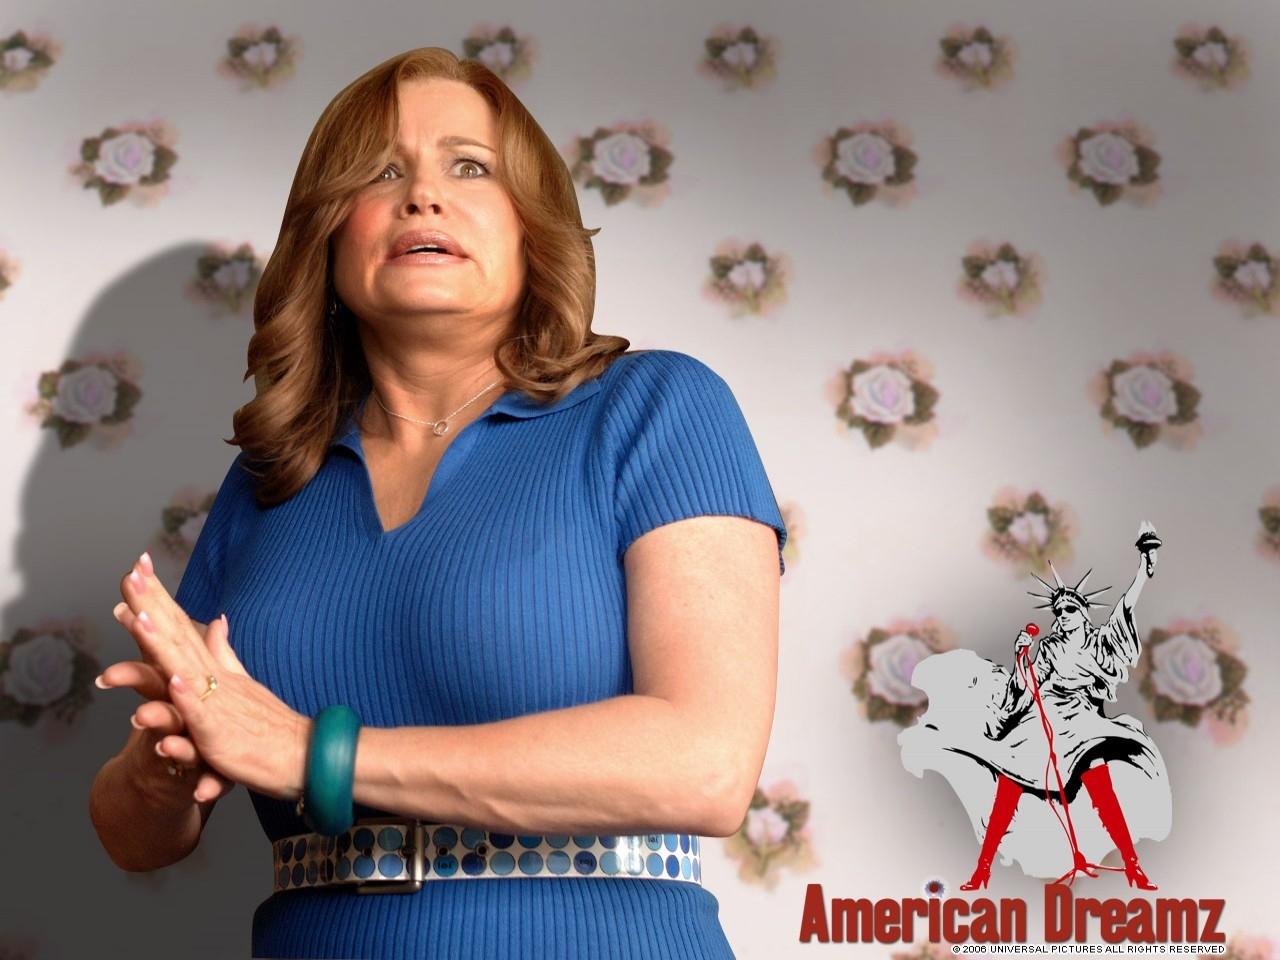 Wallpaper del film American Dreamz con Jennifer Coolidge